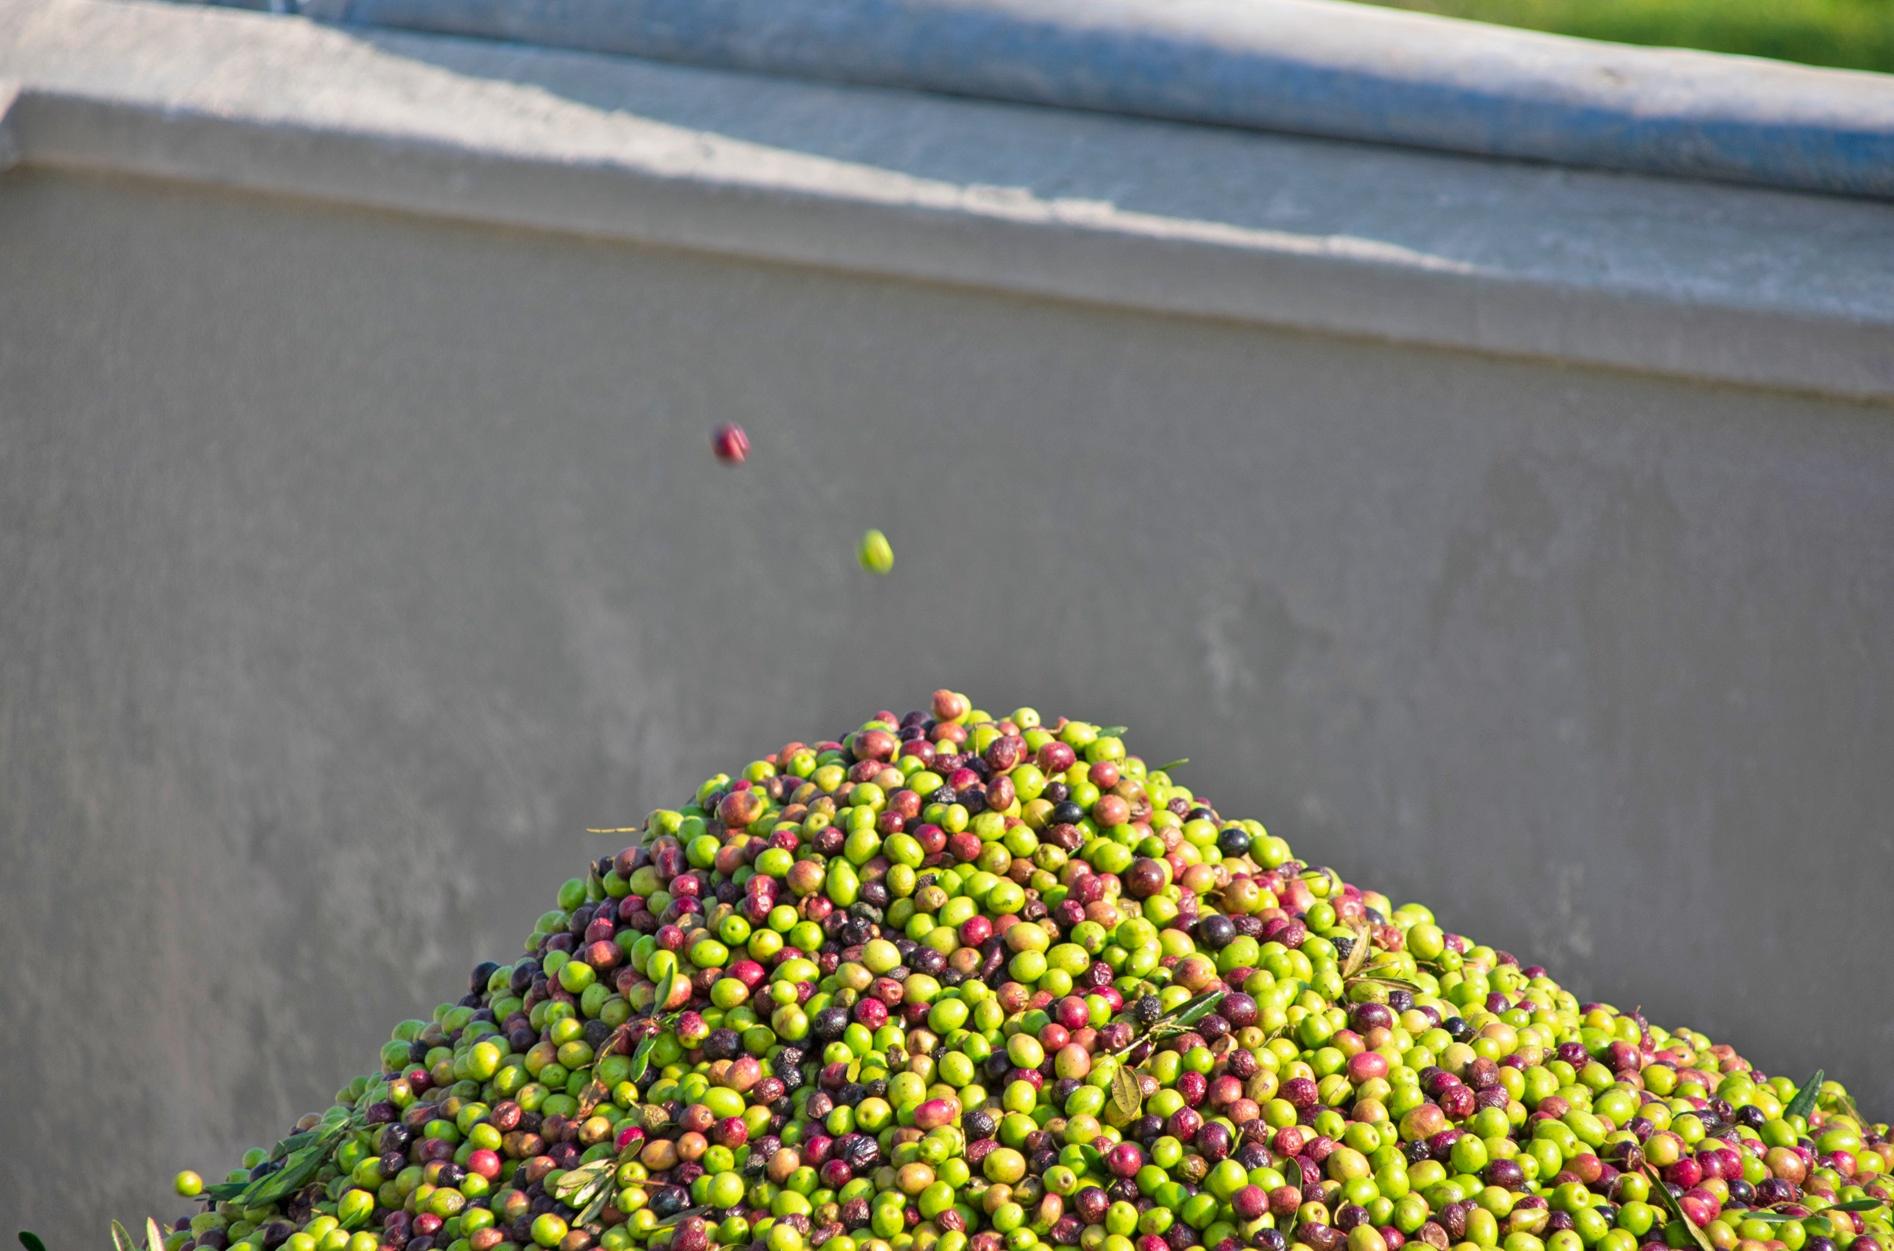 Aljaoliva olivas aceite de oliva virgen extra